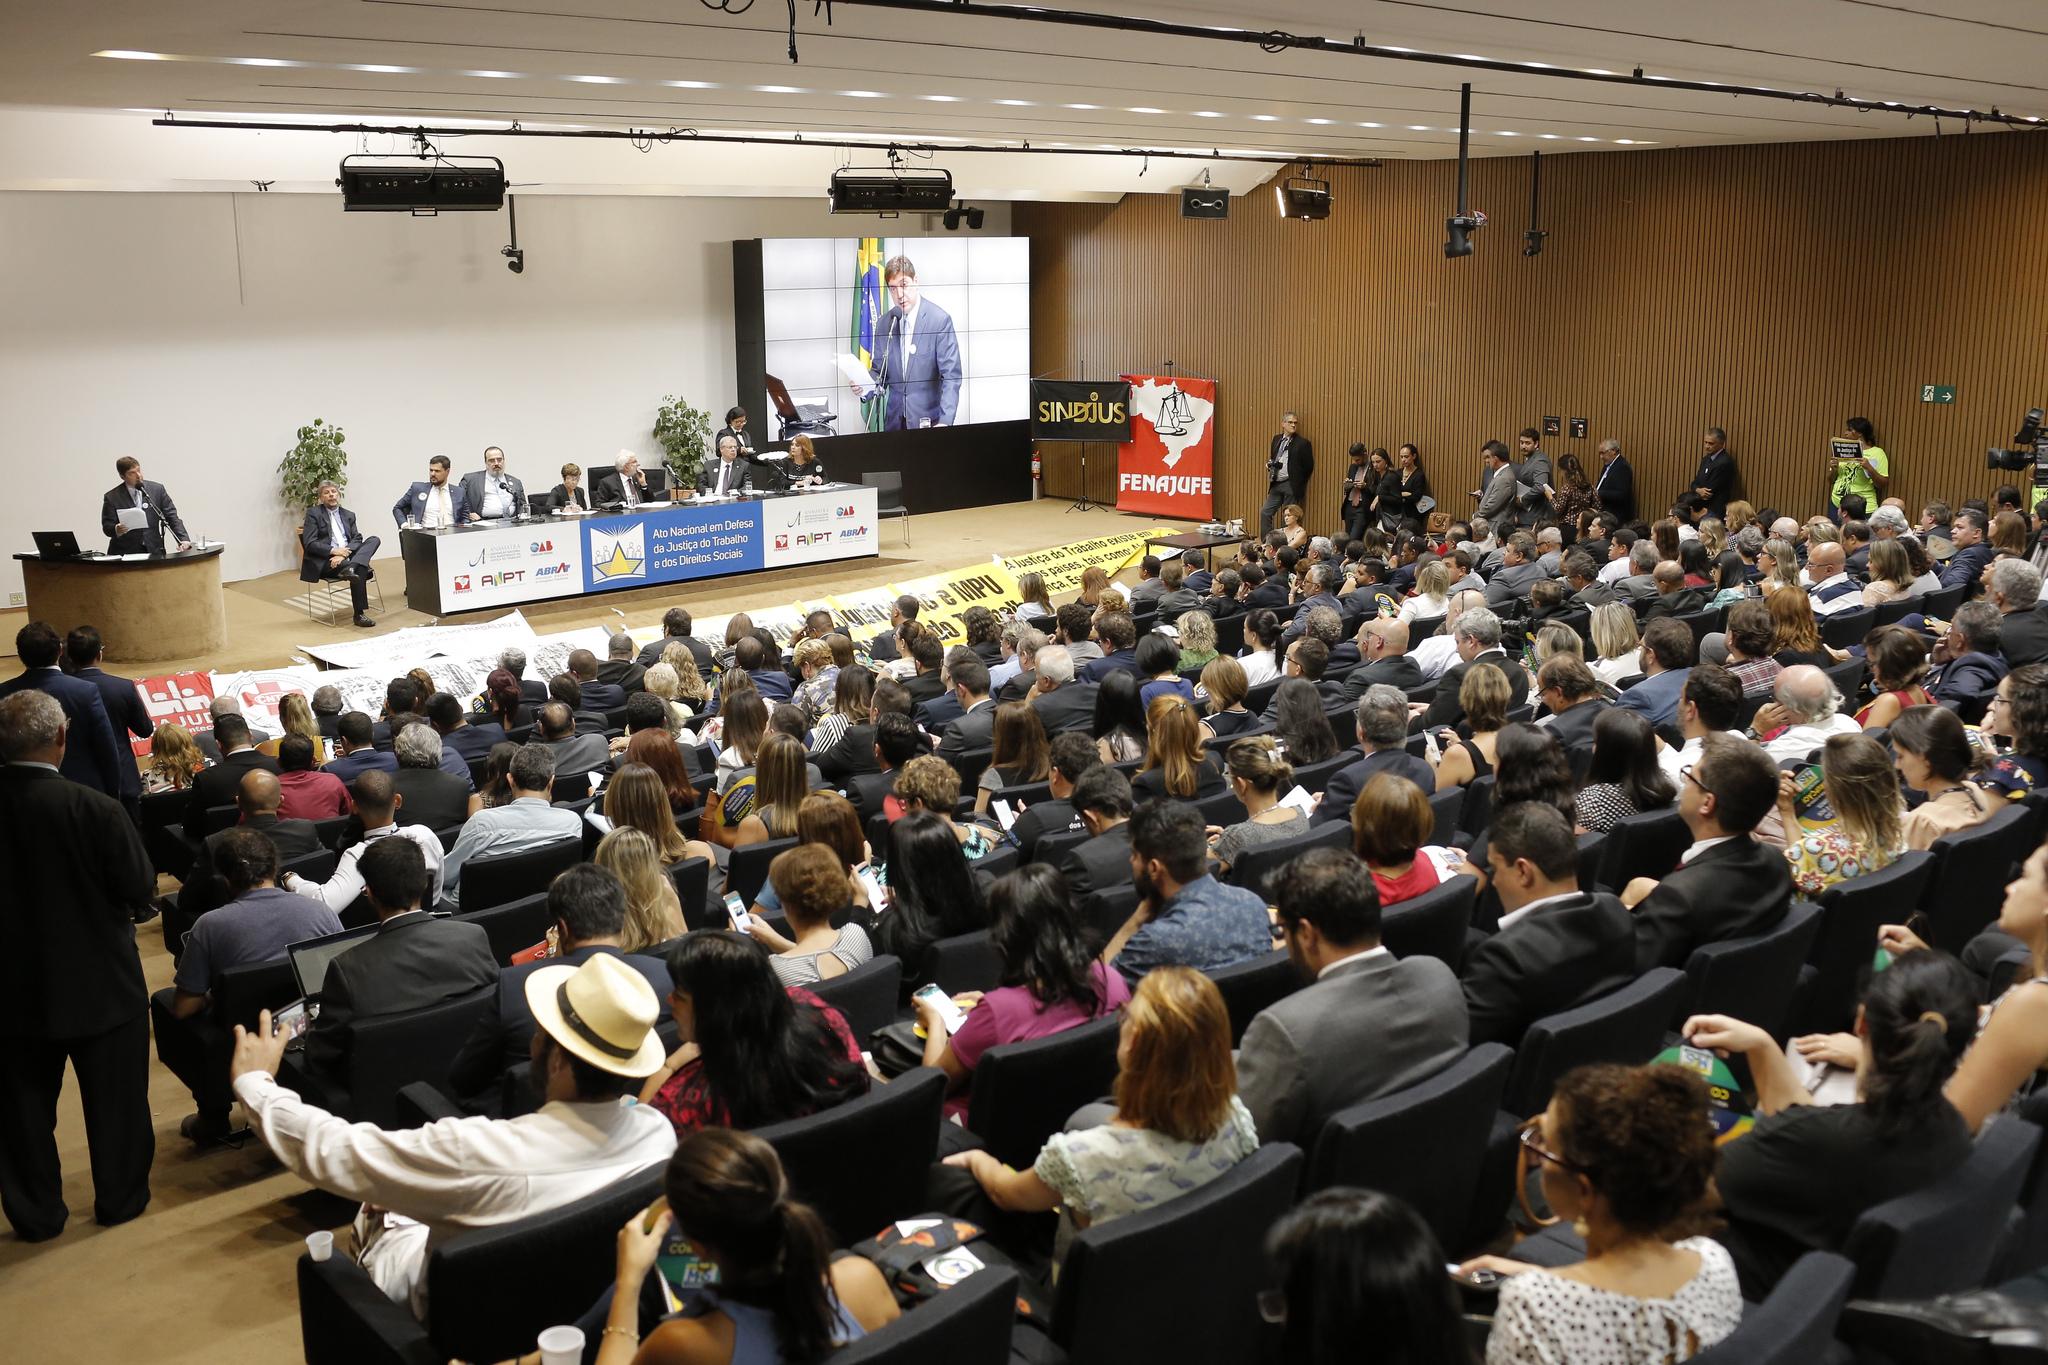 Ato em defesa da Justiça do Trabalho na Câmara dos Deputados reforça a importância da proteção social e trabalhista no País